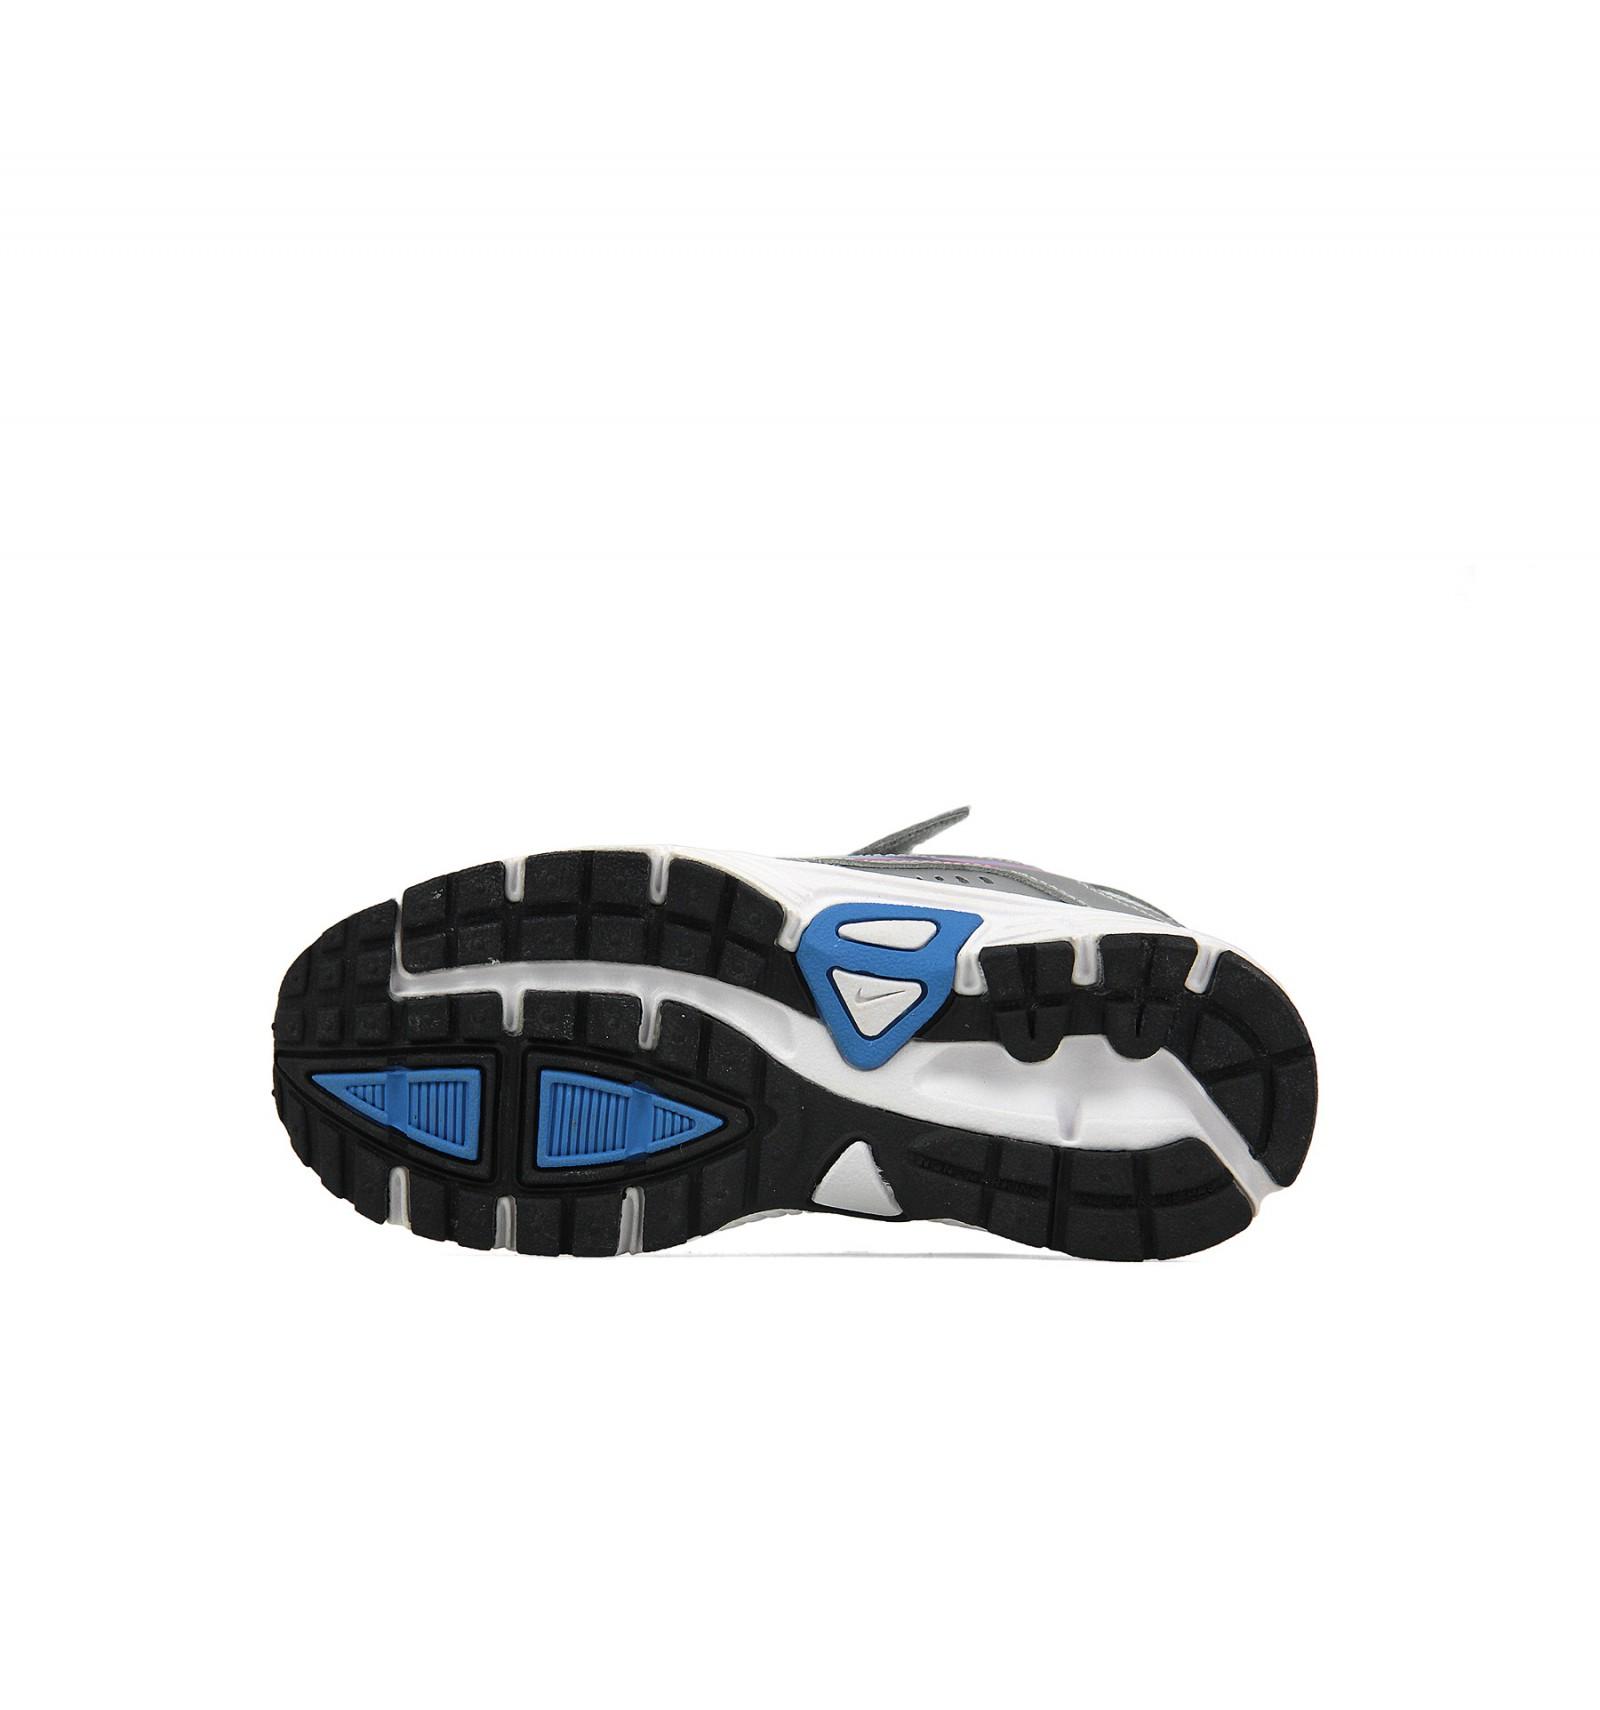 dcede6c19 Zapatilla Nike DART 9 Niña - Vicunasport - Tu tienda de deportes en ...